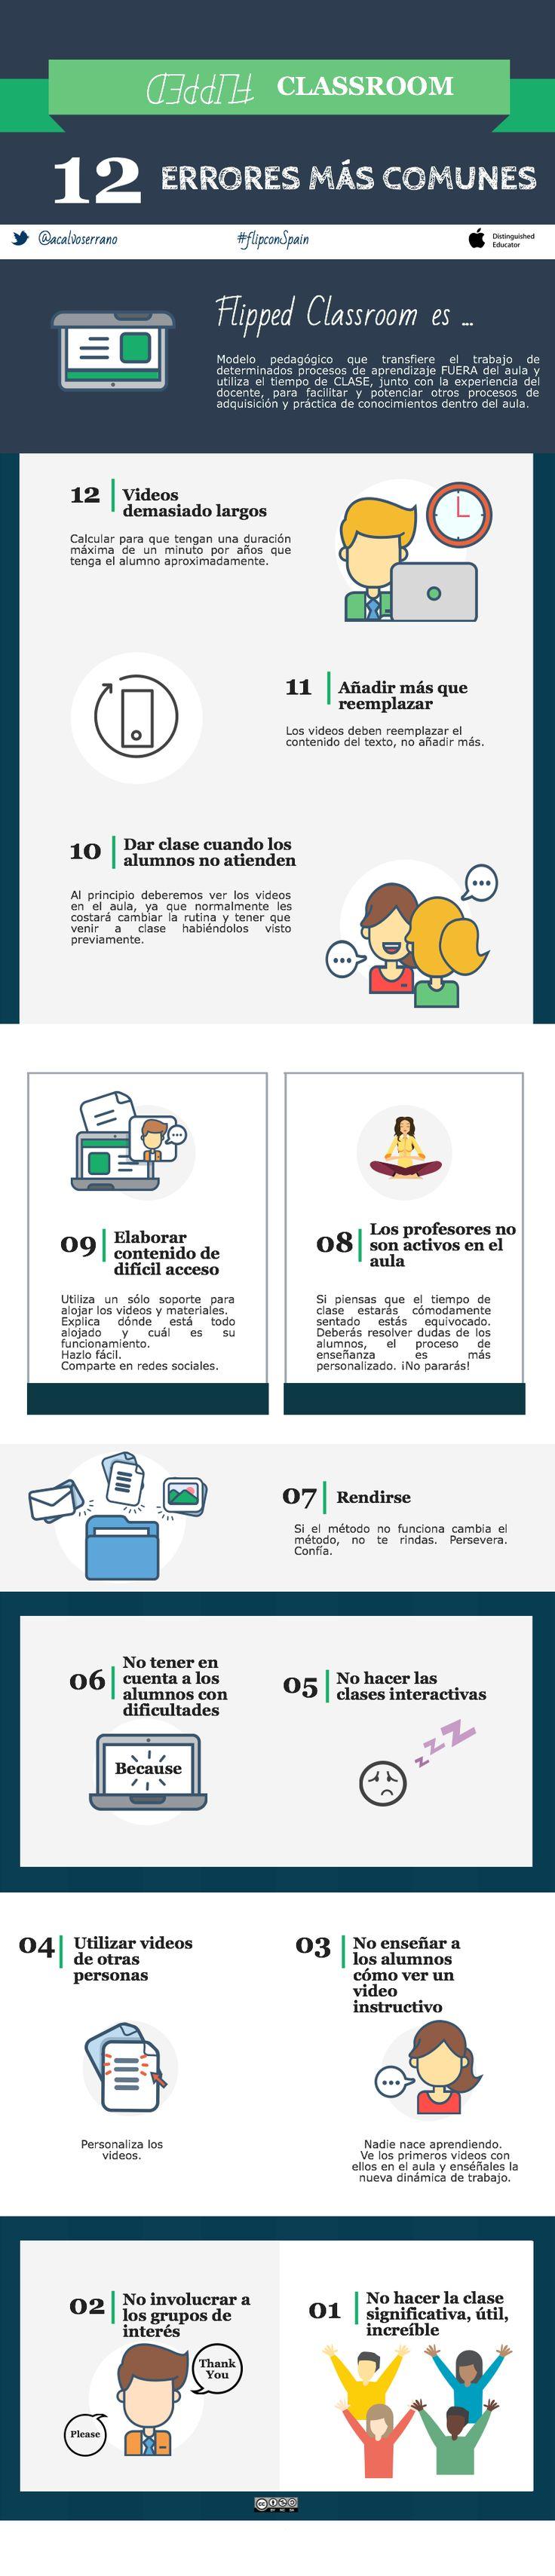 Infografía con los errores más frecuentes a la hora de hacer Flipped Classroom según J. Bergamann.